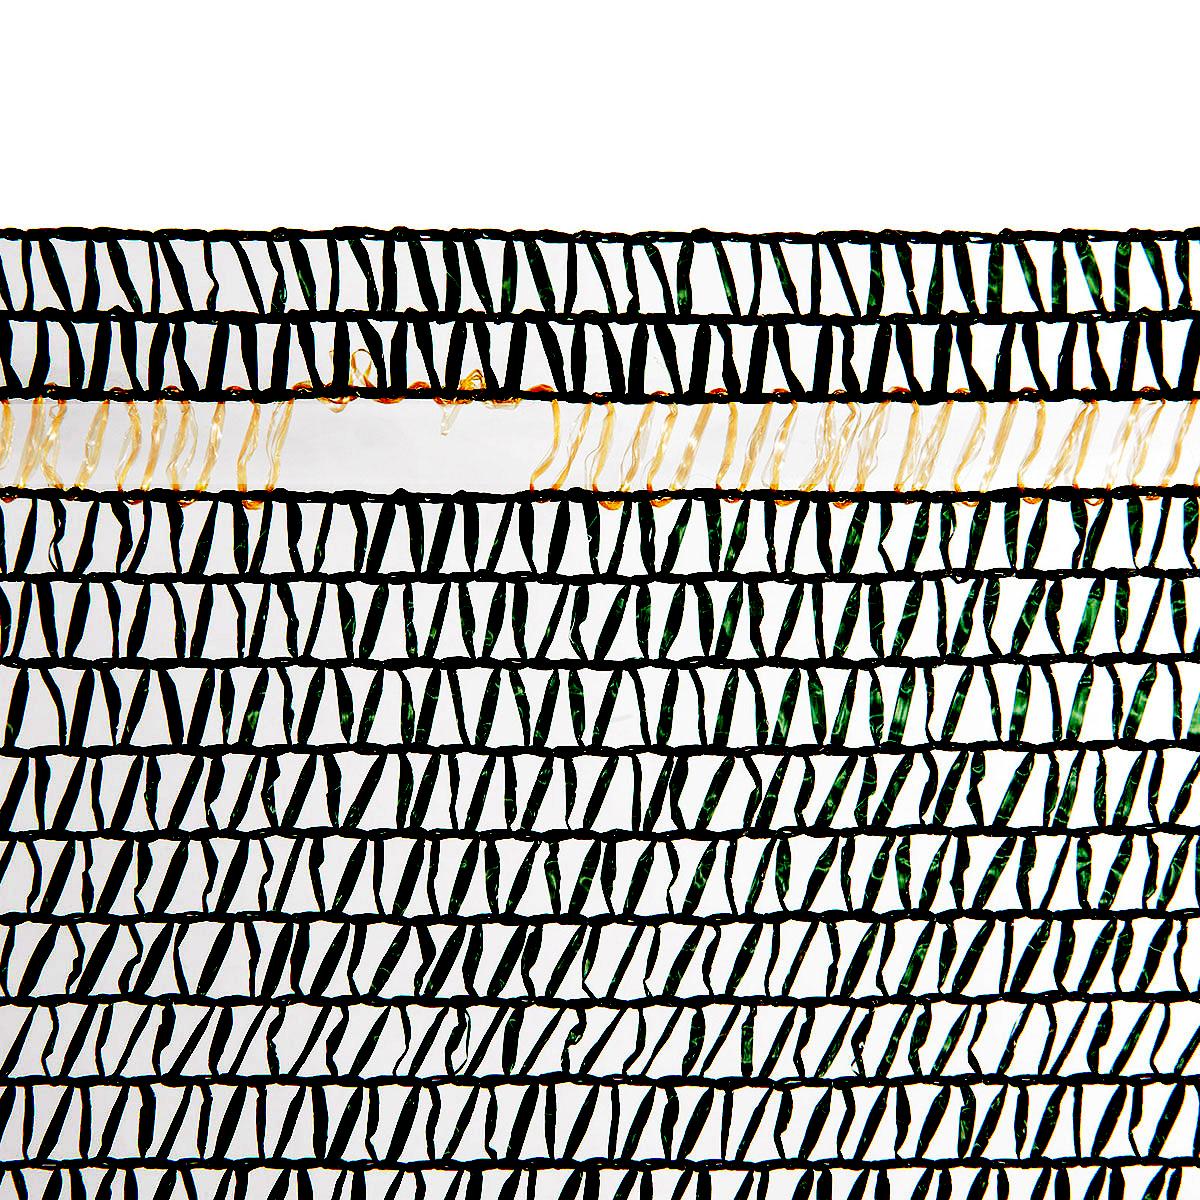 Schattiernetz 40 1m X 10m Sonnenschutz Sichtschutz Netz